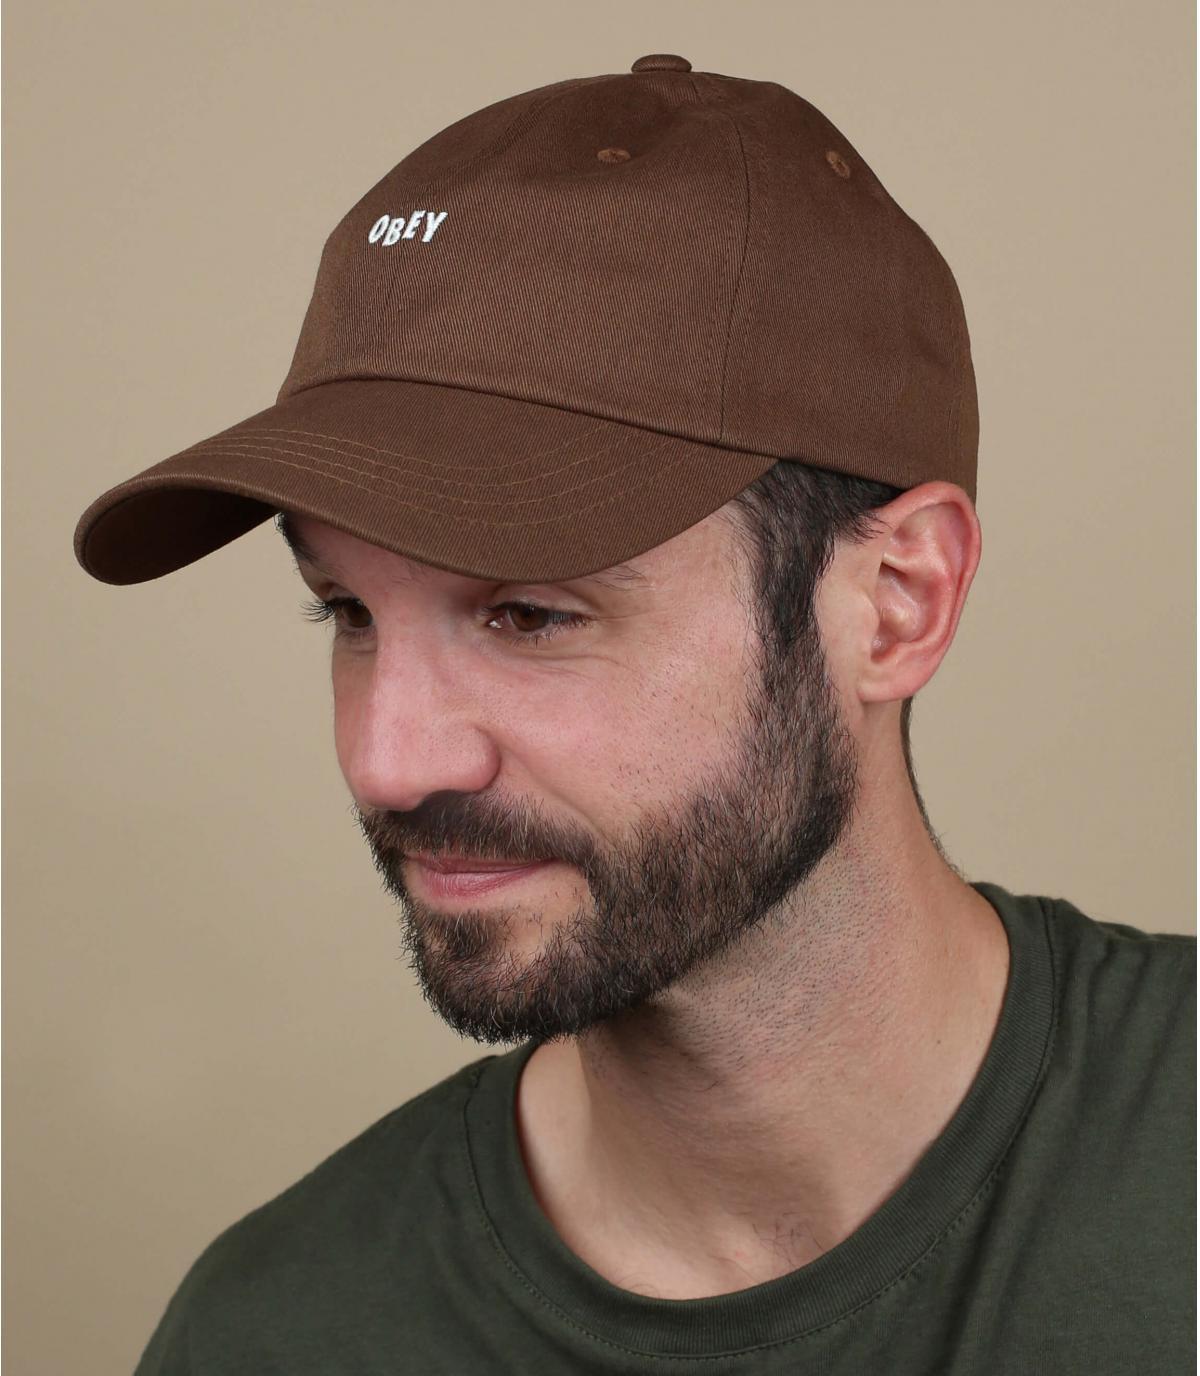 Rispetta il berretto marrone